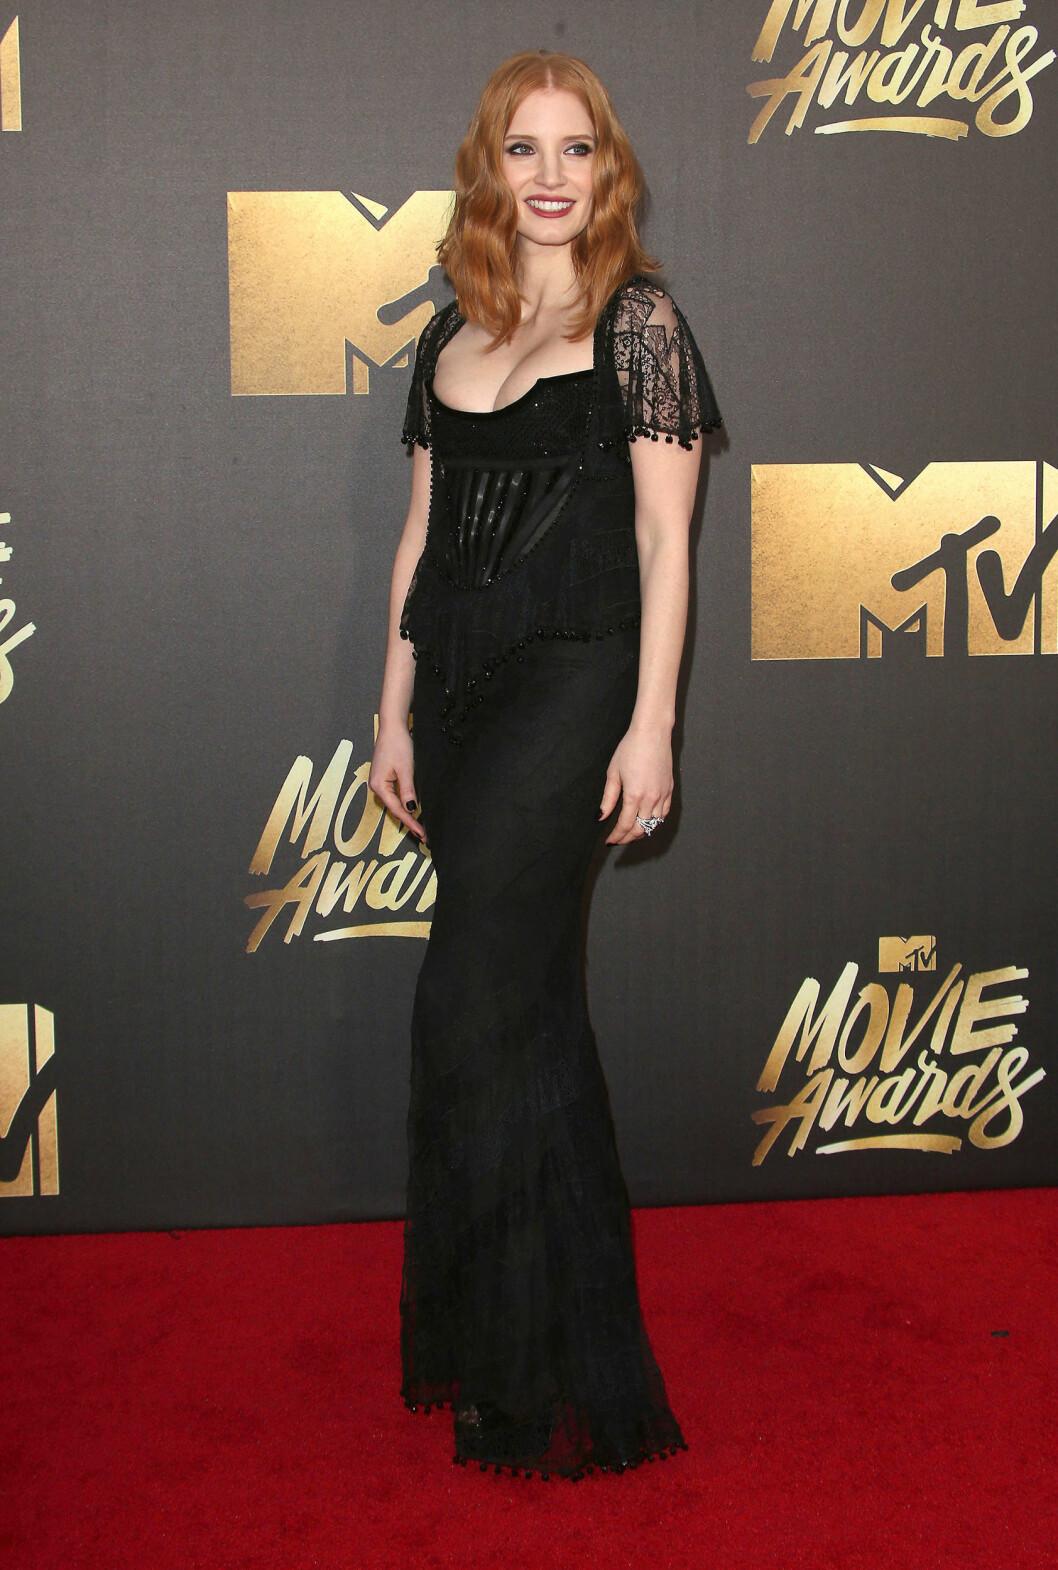 STRÅLTE: Jessica Chastain gikk også for en sexy sort kjole med blonder.  Foto: SipaUSA